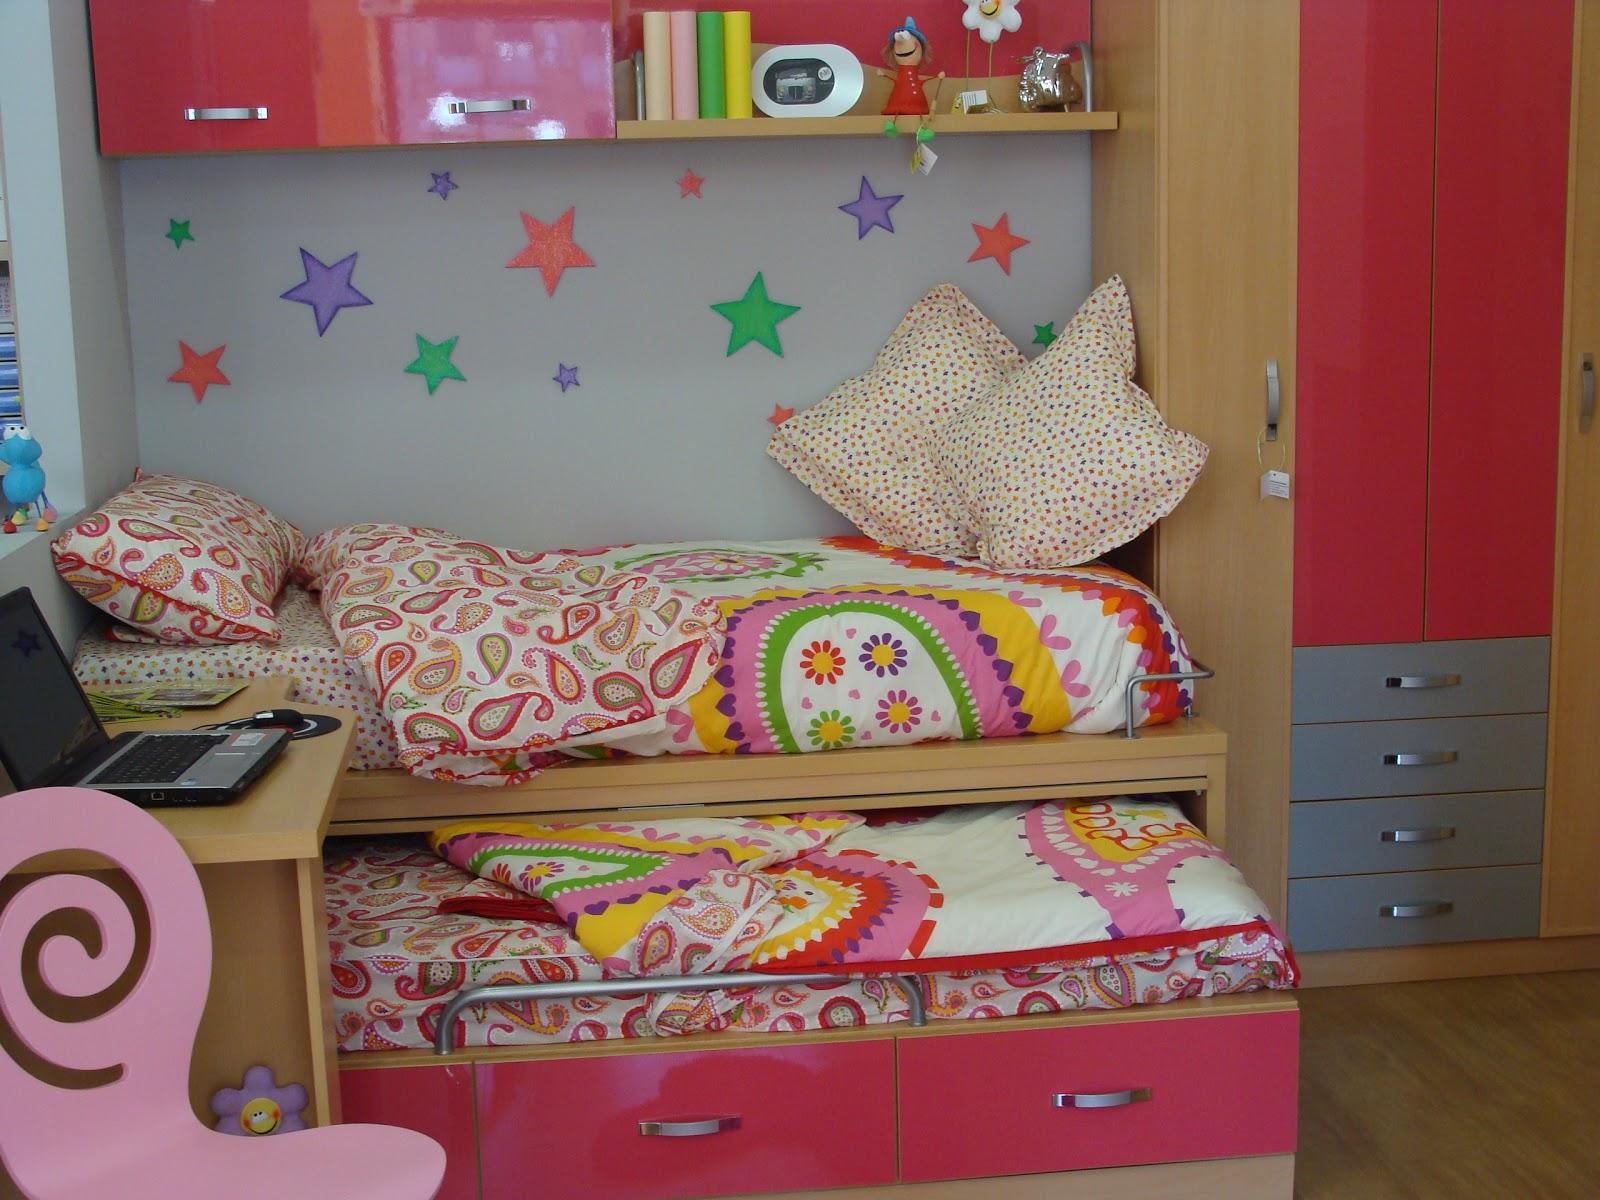 Parchis mueble juvenil e infantil for Muebles baratos murcia liquidacion